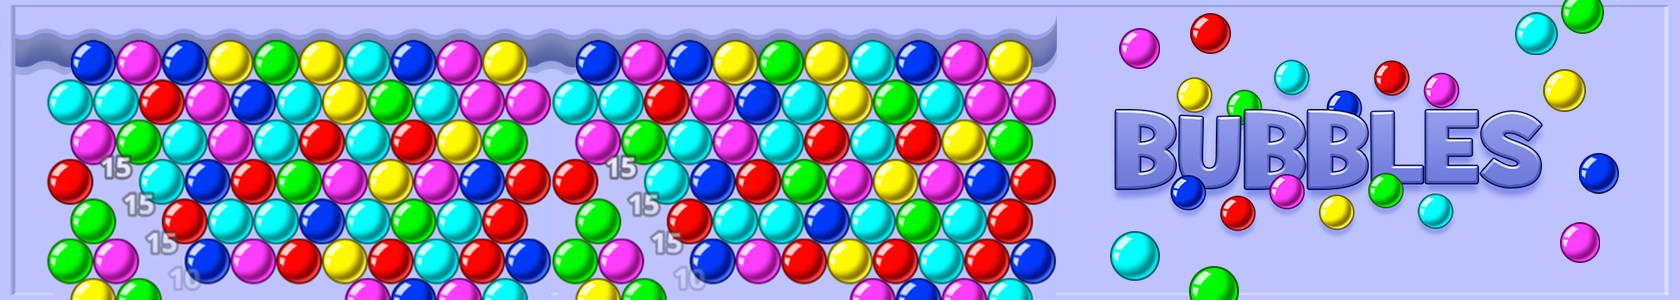 Bubbles - Vorsicht, das Spiel macht süchtig!